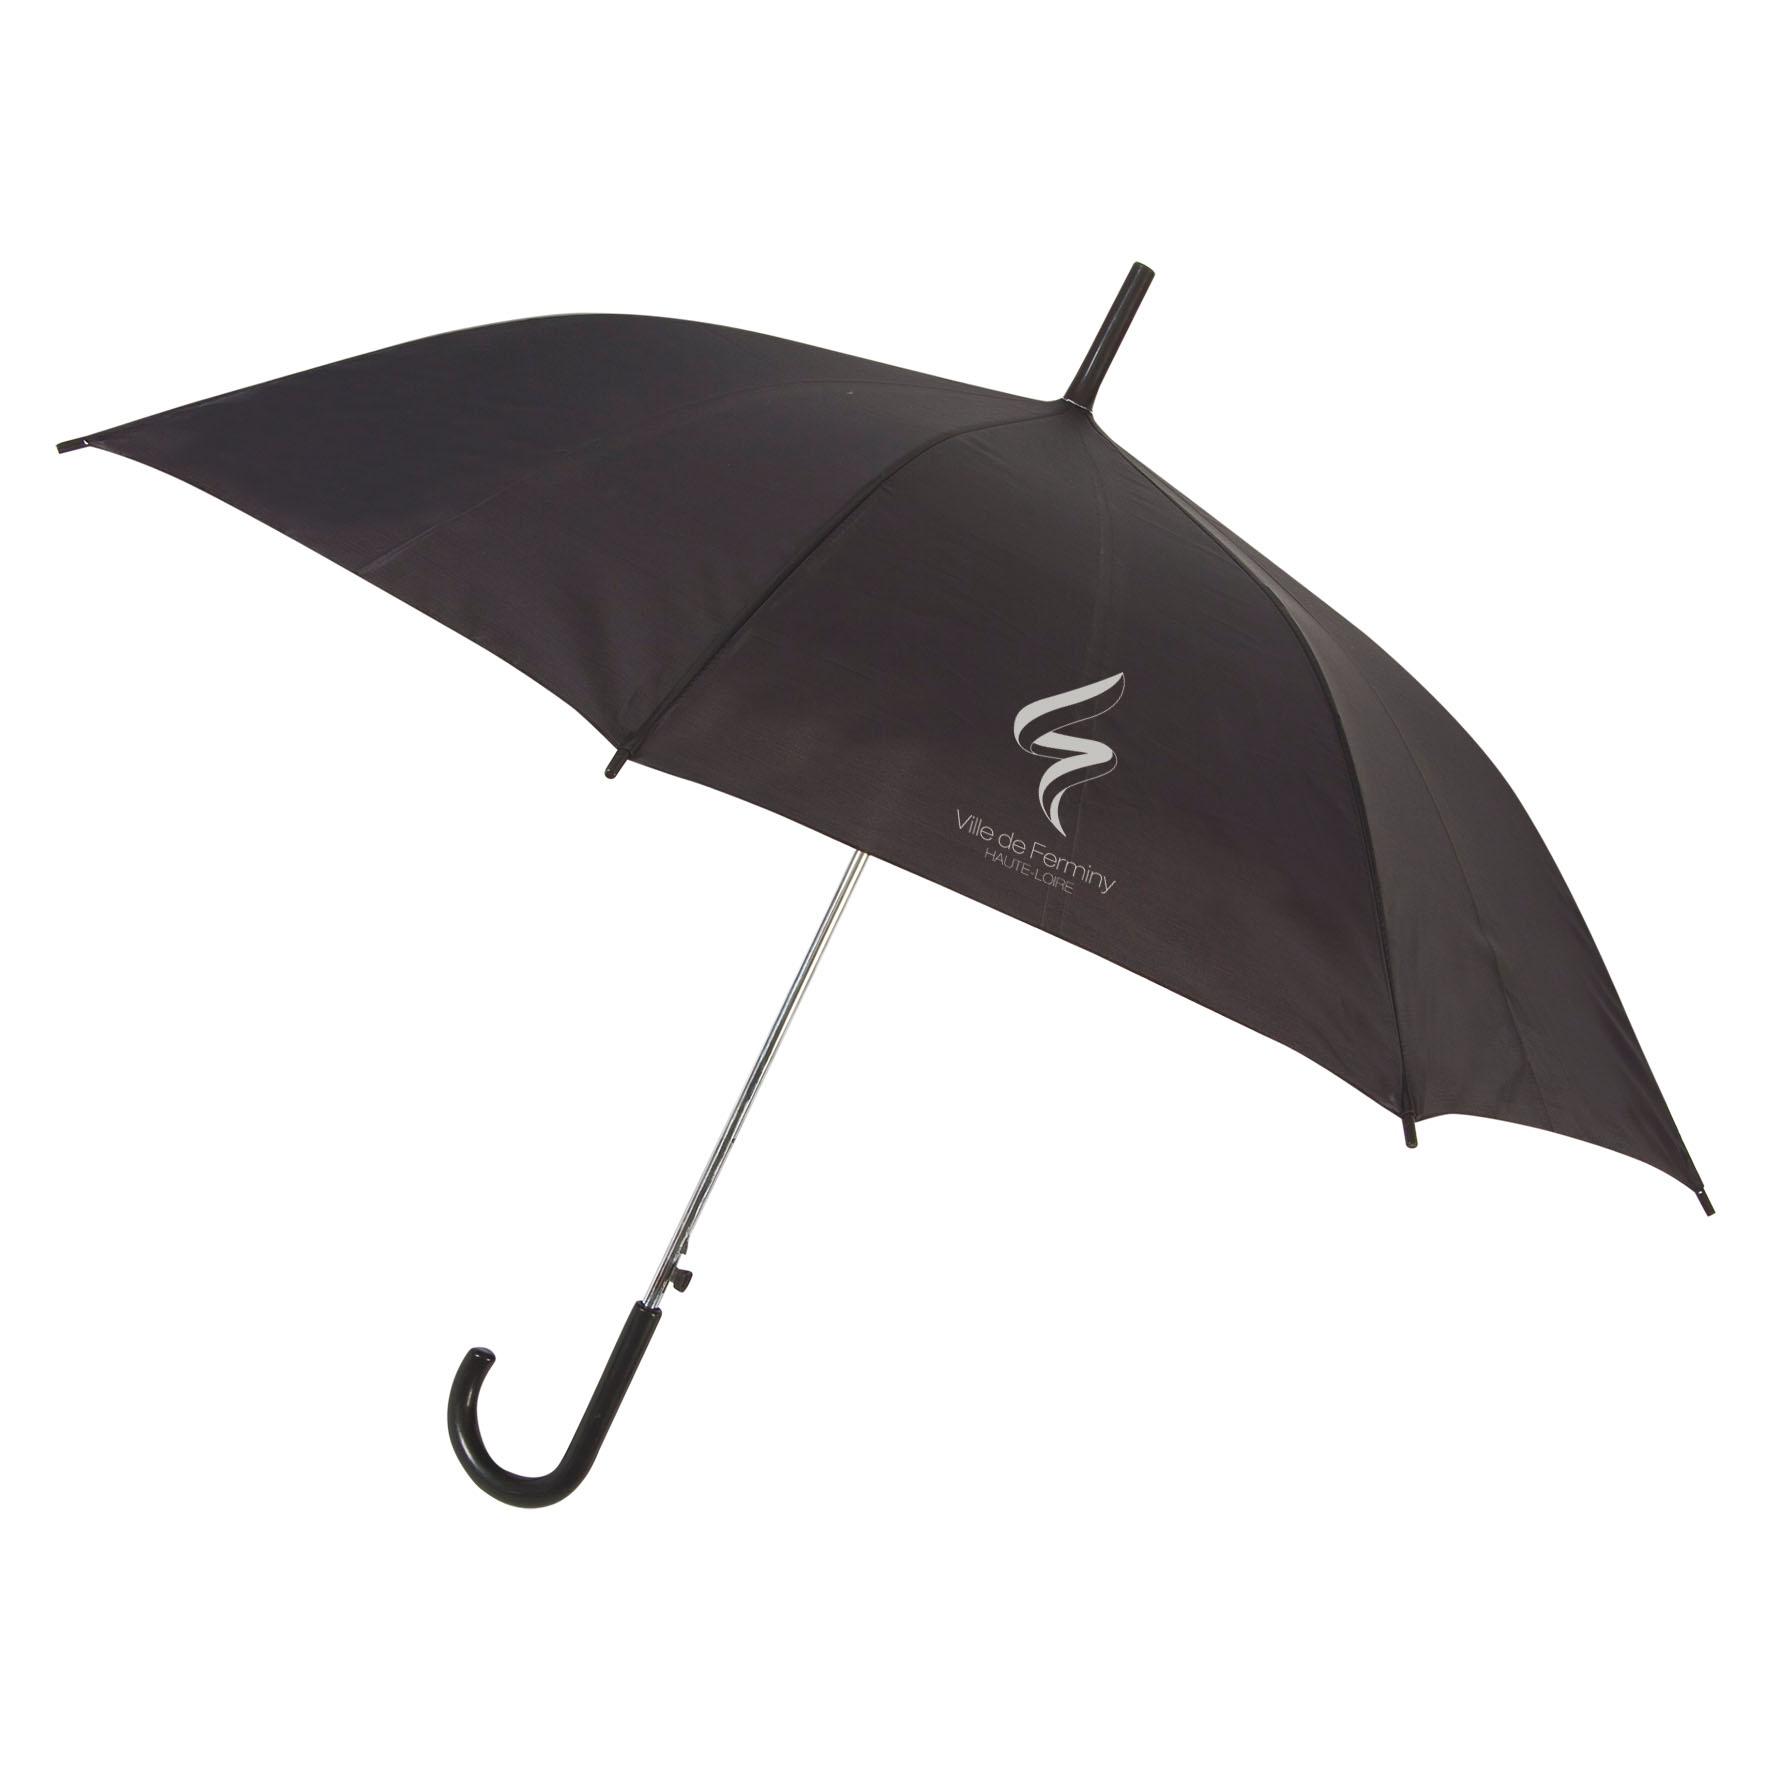 Parapluie publicitaire canne Glav - Parapluie personnalisable - jaune